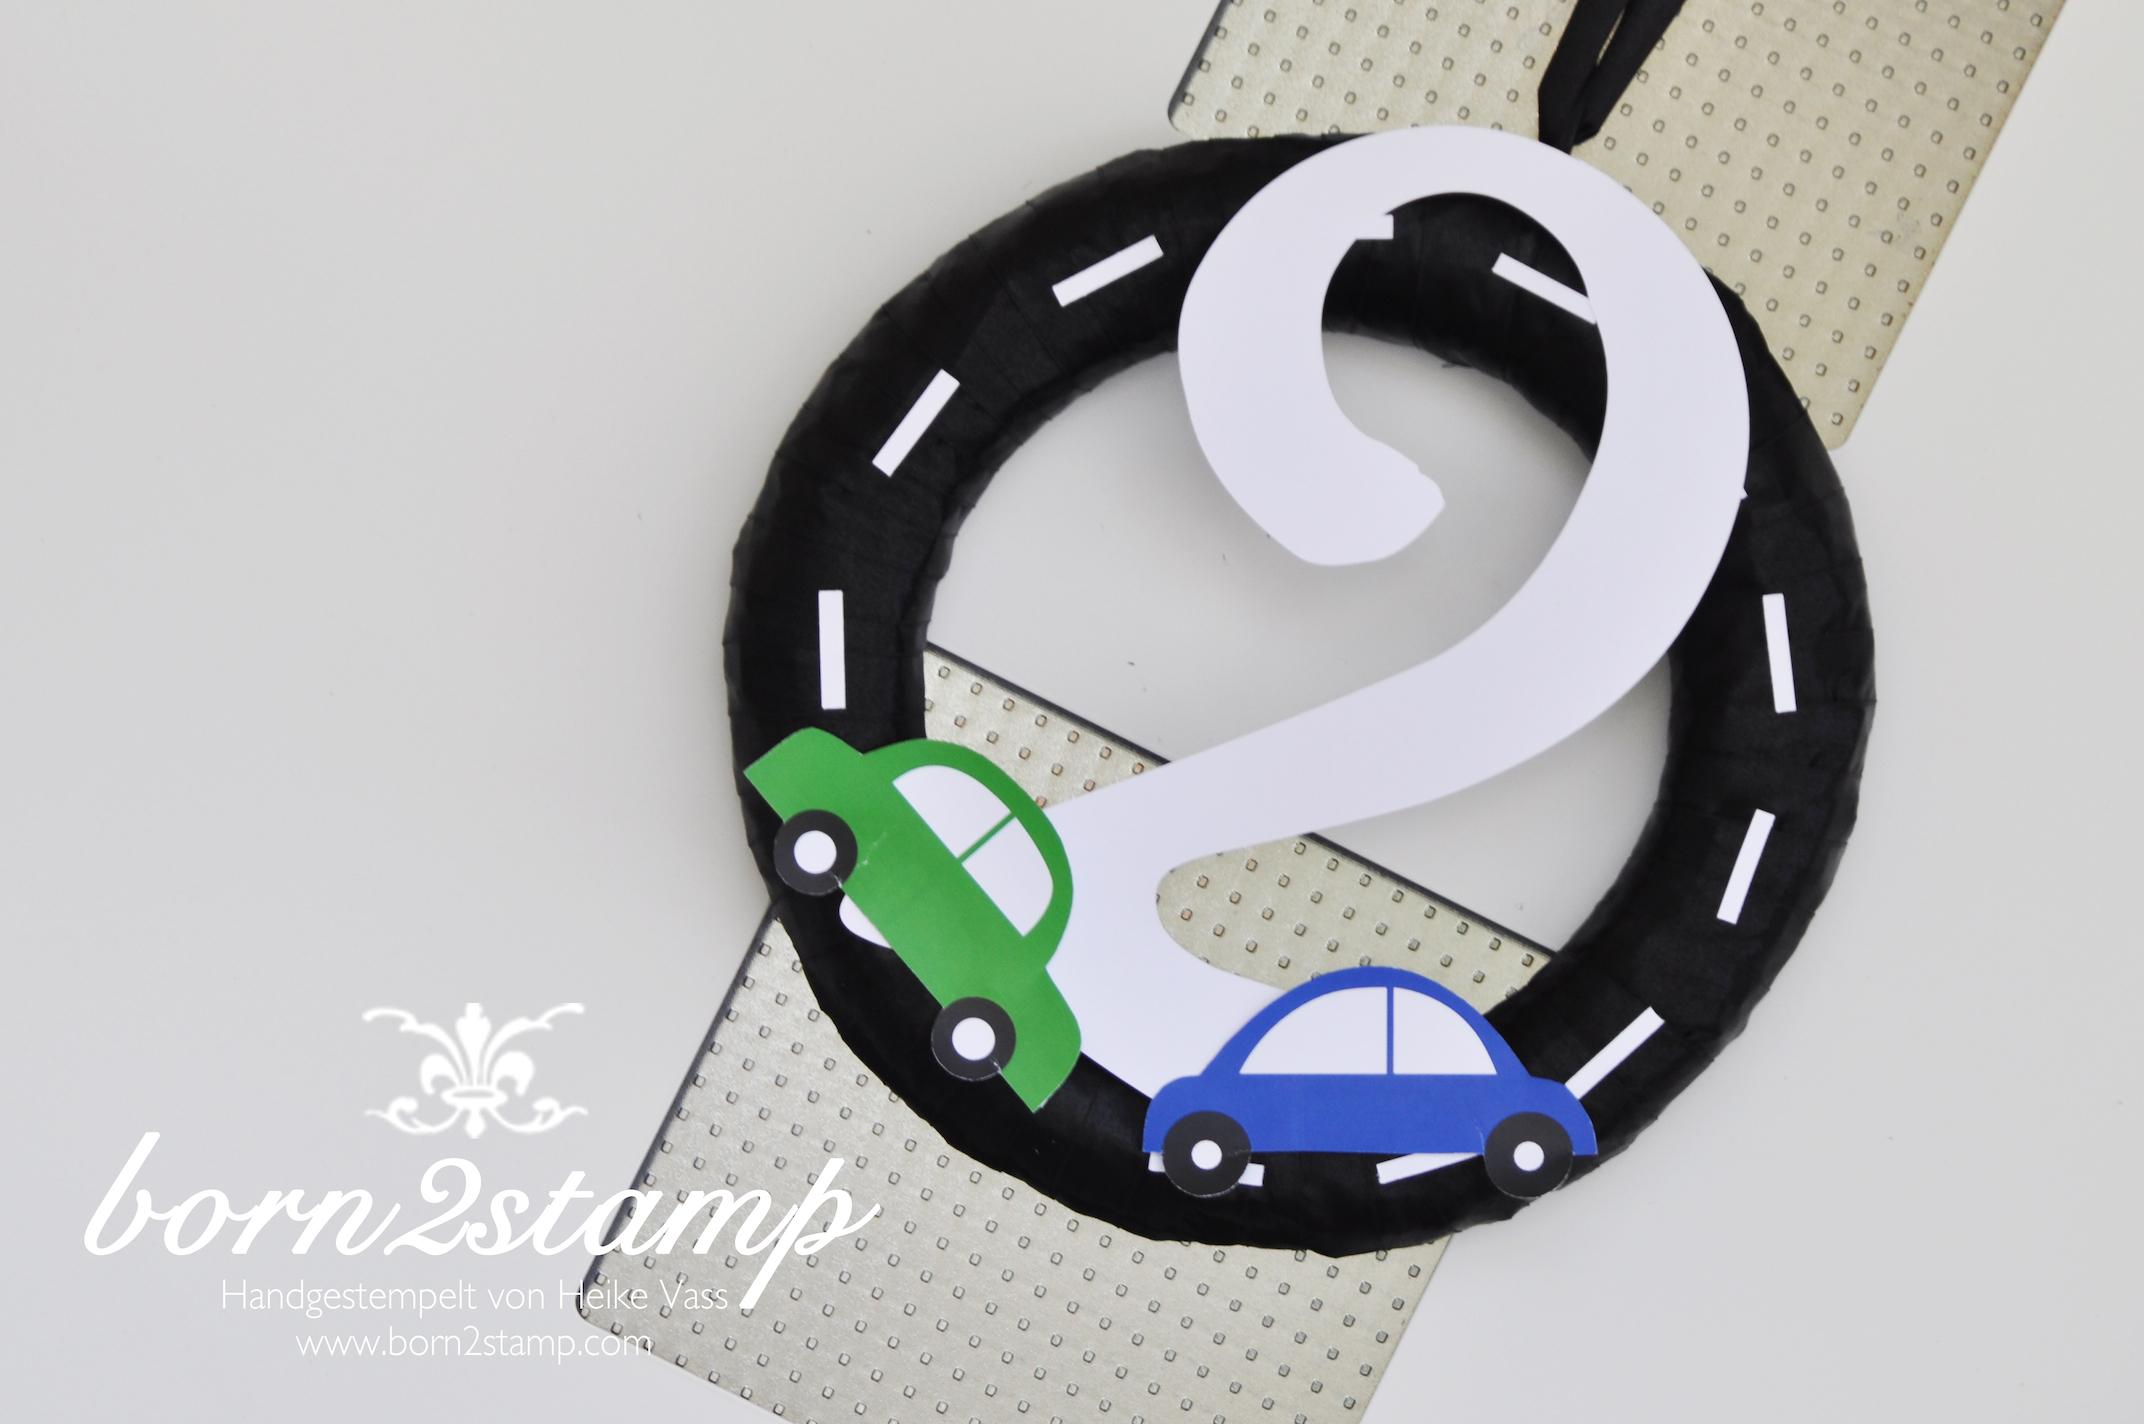 Auto Party Geburtstag Birthday Car theme Deko Eingangstür door decoration Türkranz wreath